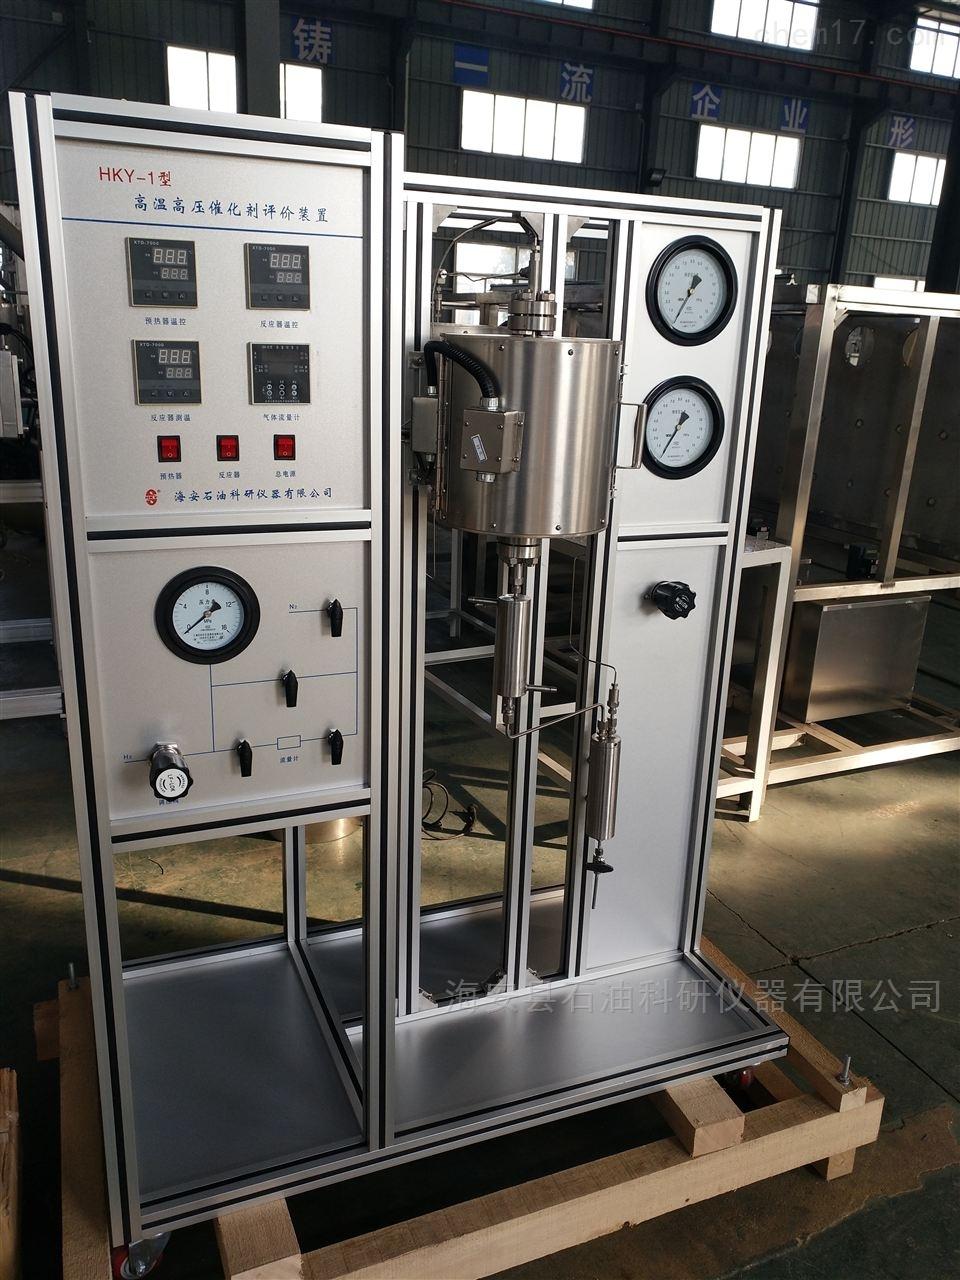 重油加氢高压微反装置